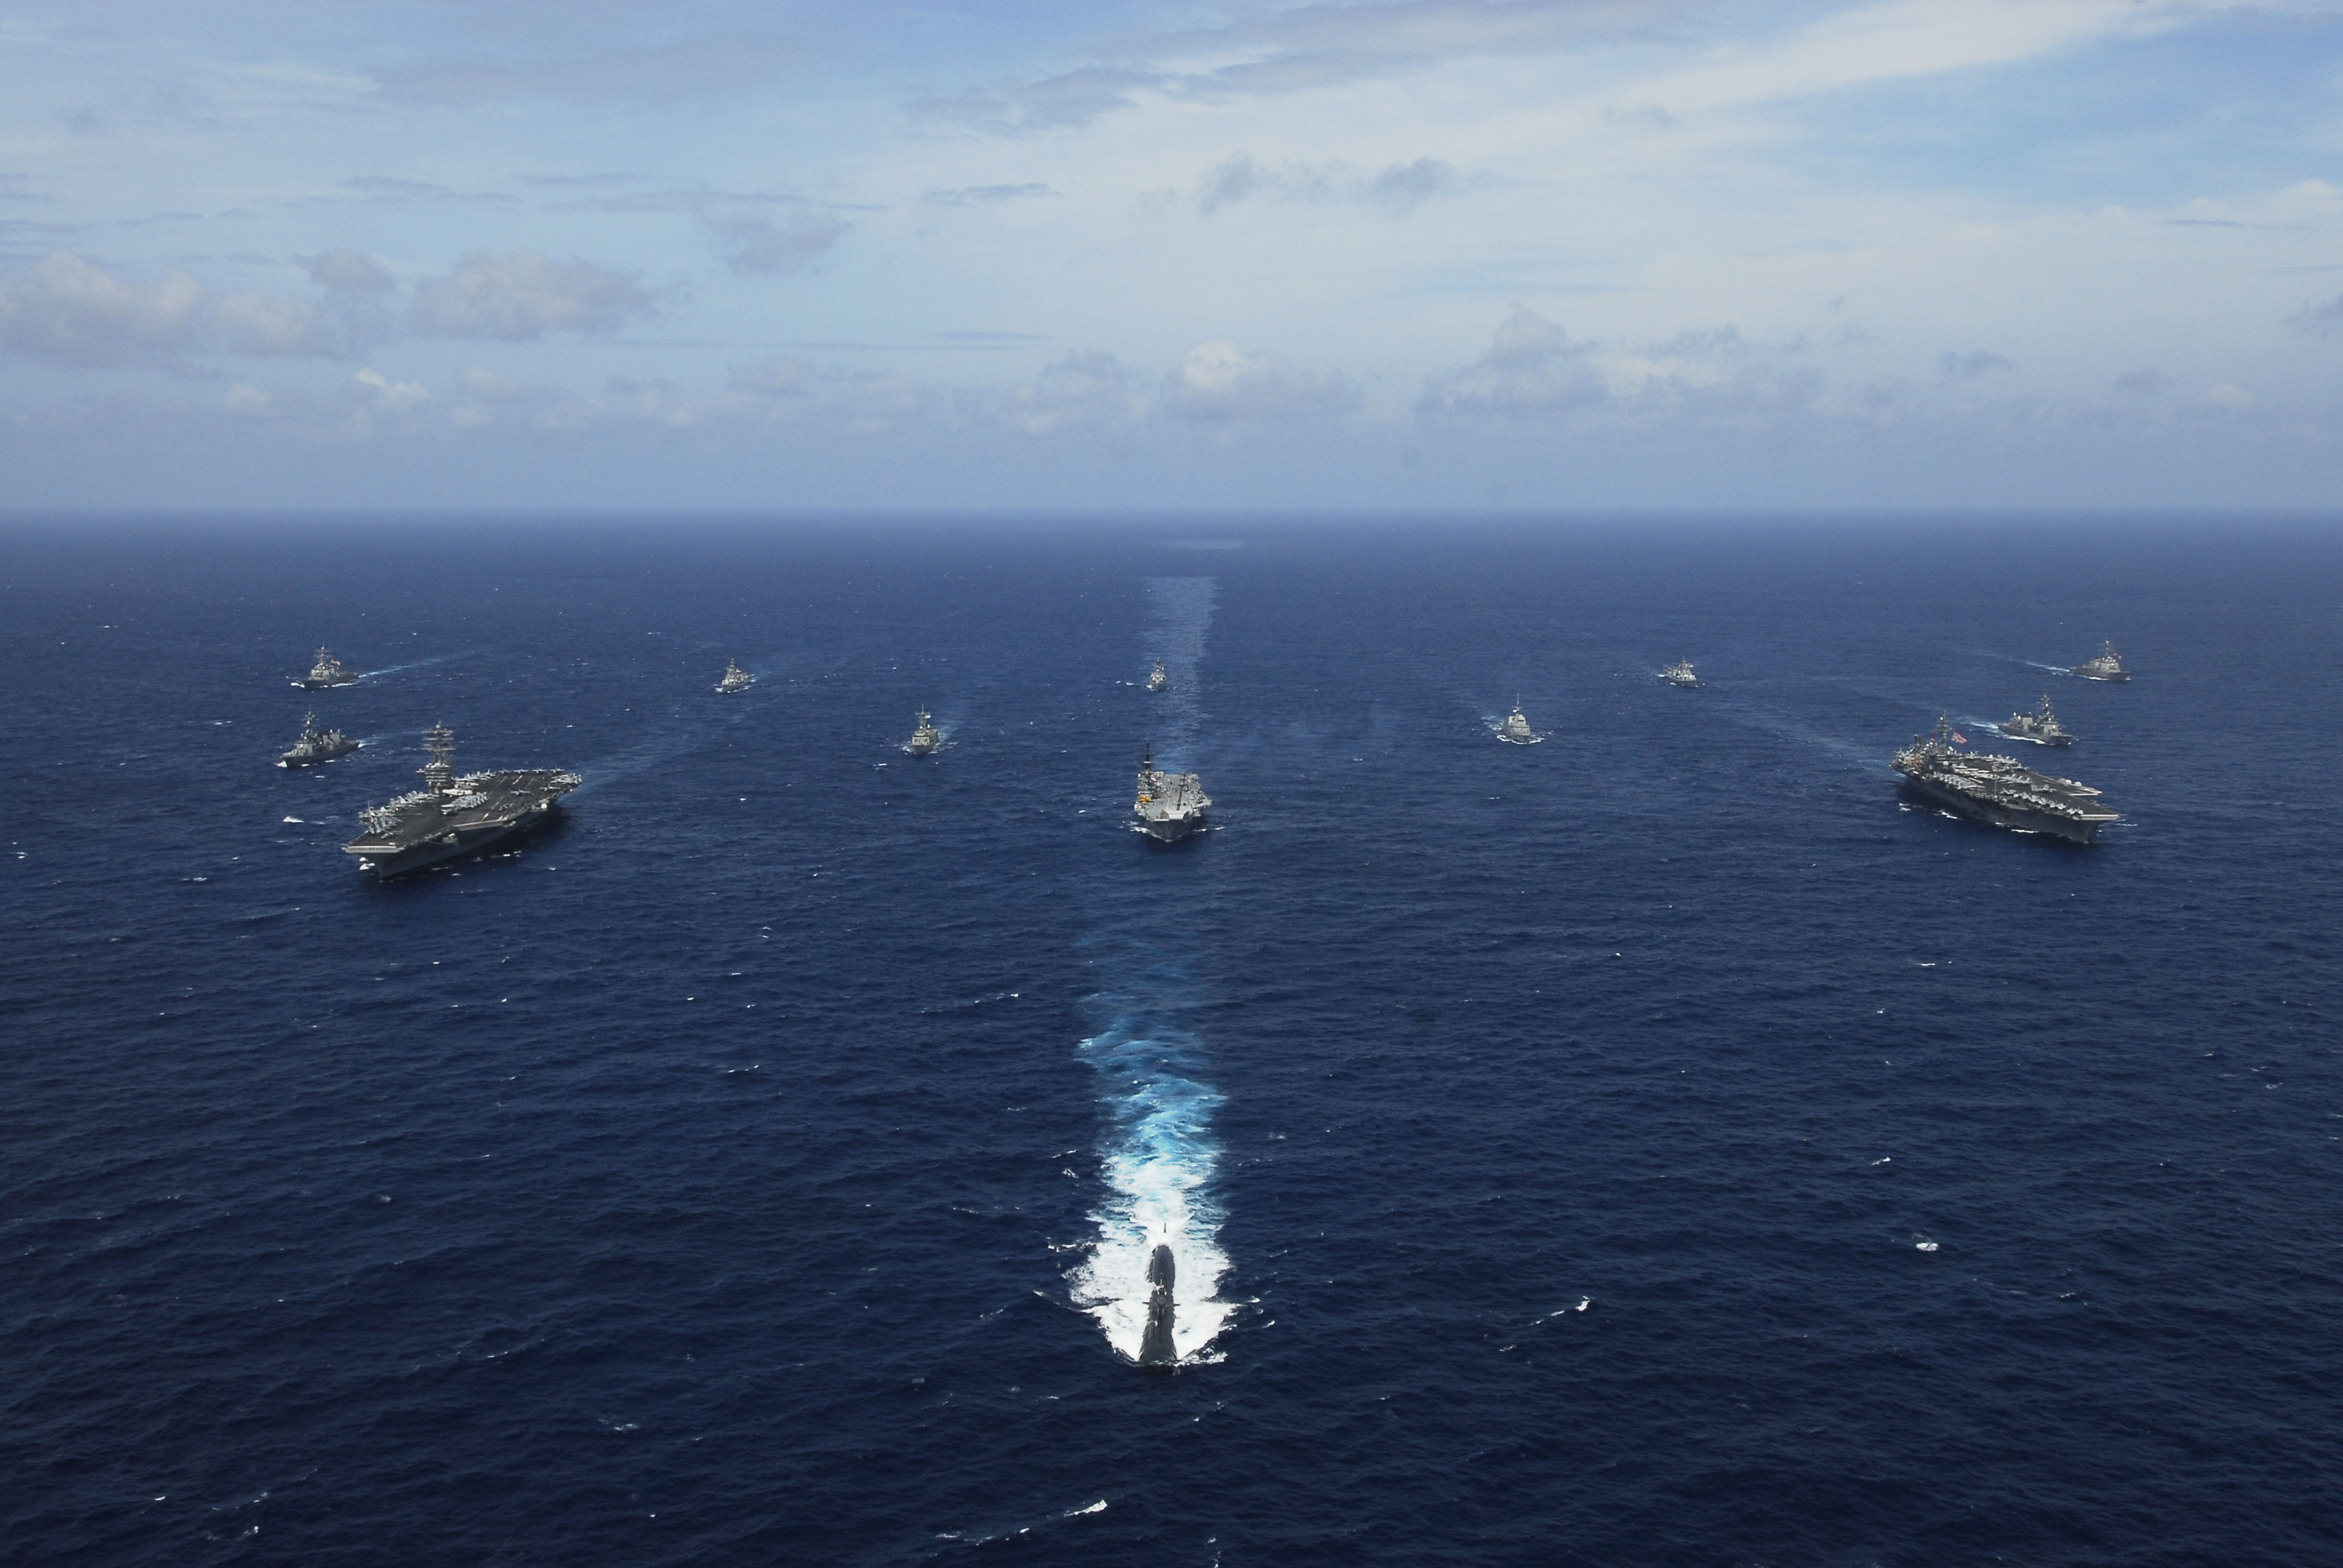 中國官媒《環球時報》抨擊,三國演習「目標直指中國潛艦」,圖為「馬拉巴爾海上聯合演習」的歷史照片。